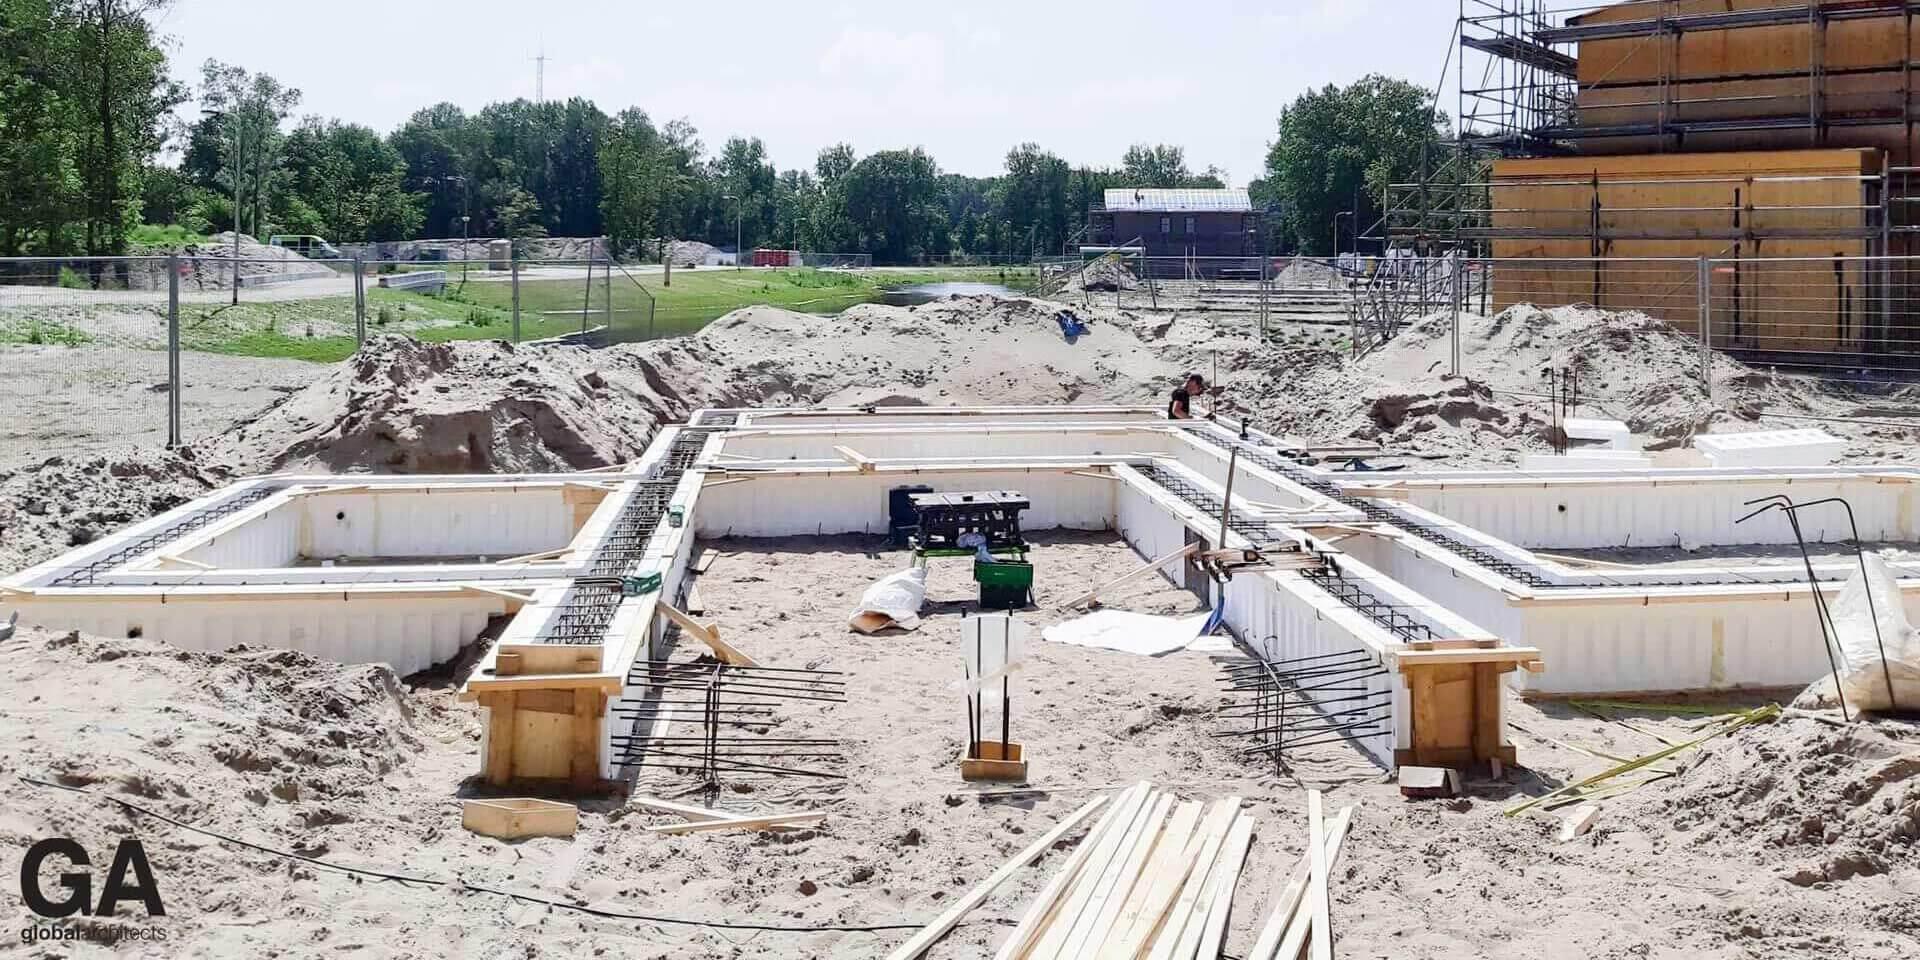 passief_bouwblok_jongerius_IsoTeQ_zelfbouw_villa_denhaag_Vos 15_Schapenatjesduin_Den Haag